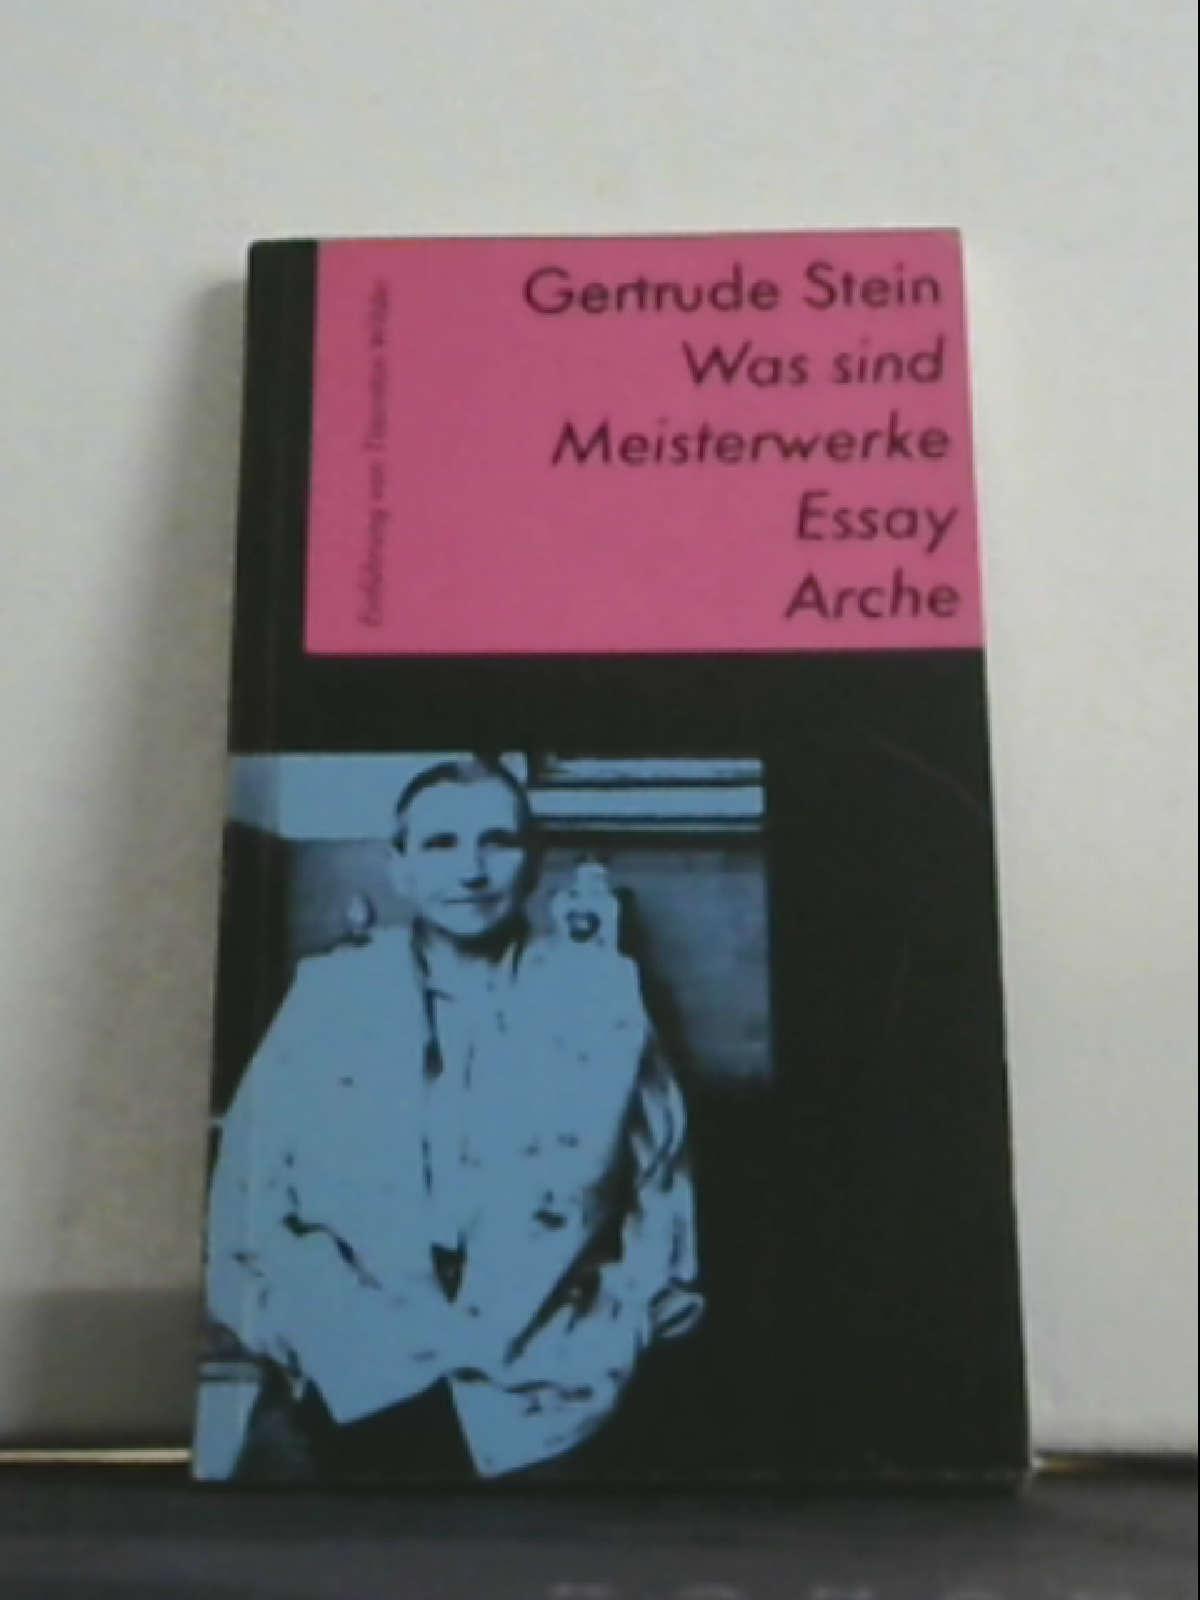 Was sind Meisterwerke: Essay Stein, Gertrude; Wilder, Thornton und Stiebel, Marie A - Gertrude Stein